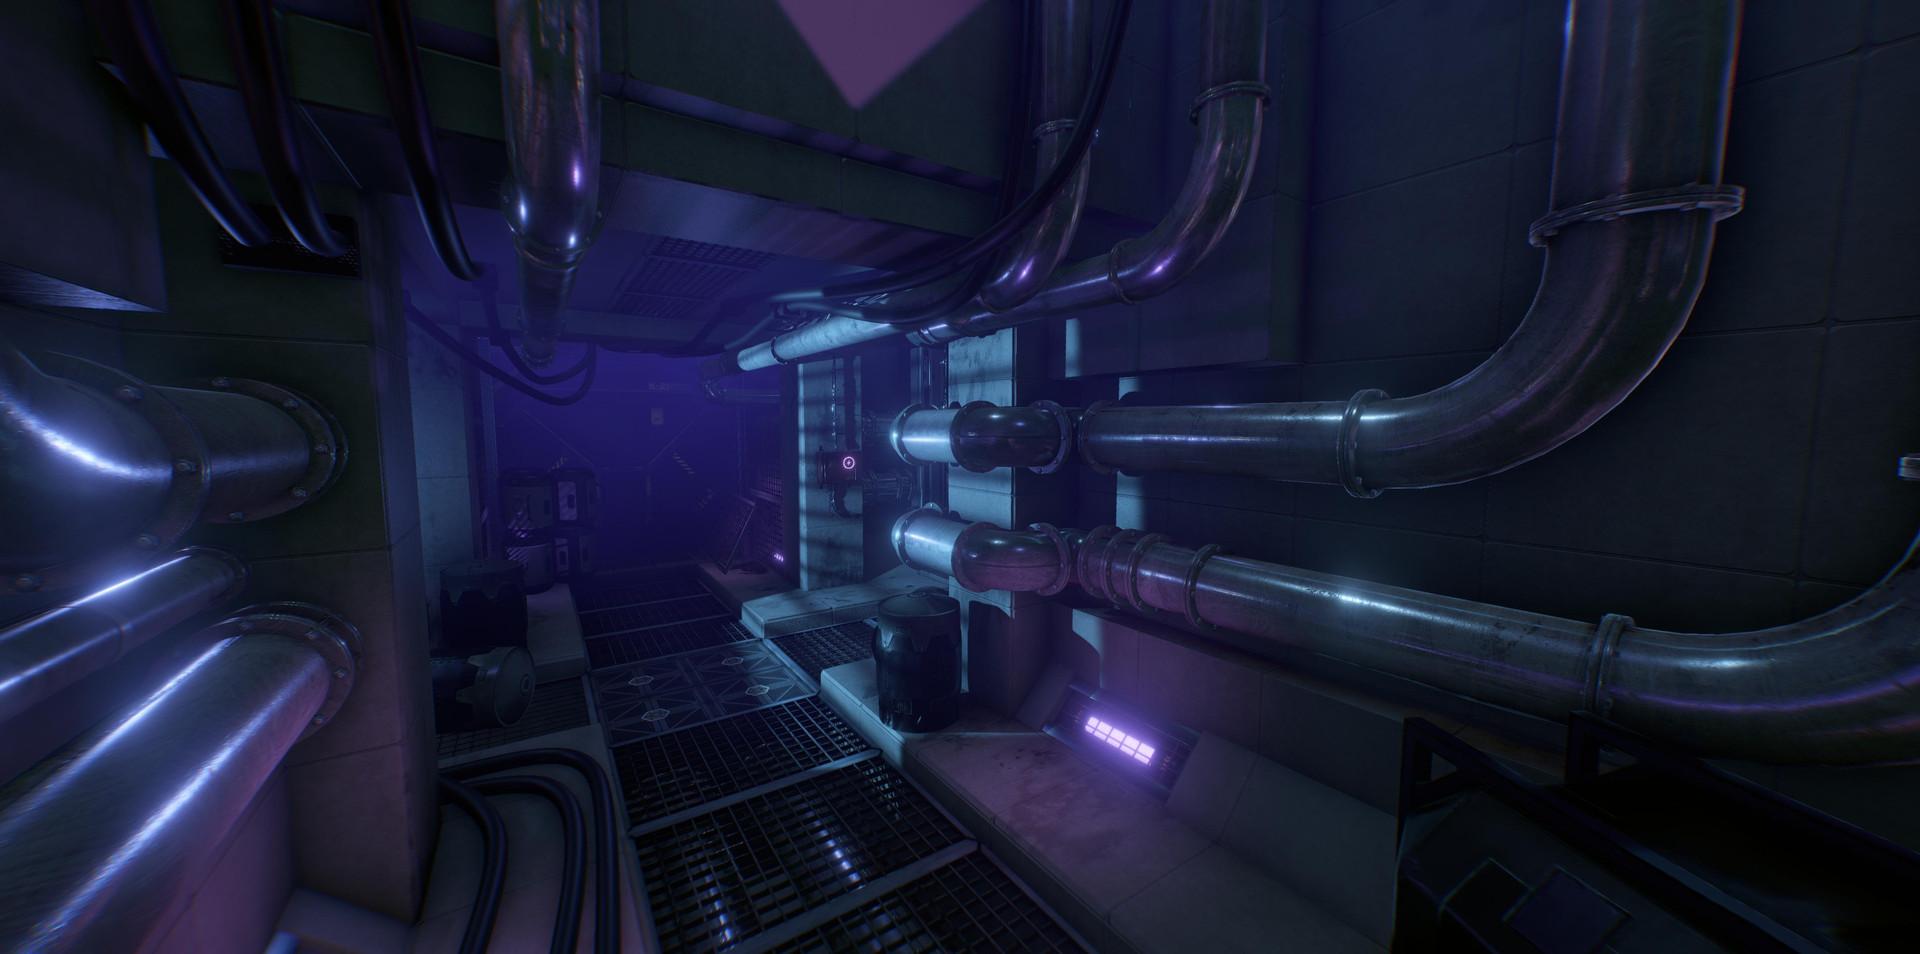 ER_Cyberpunk_3.jpg